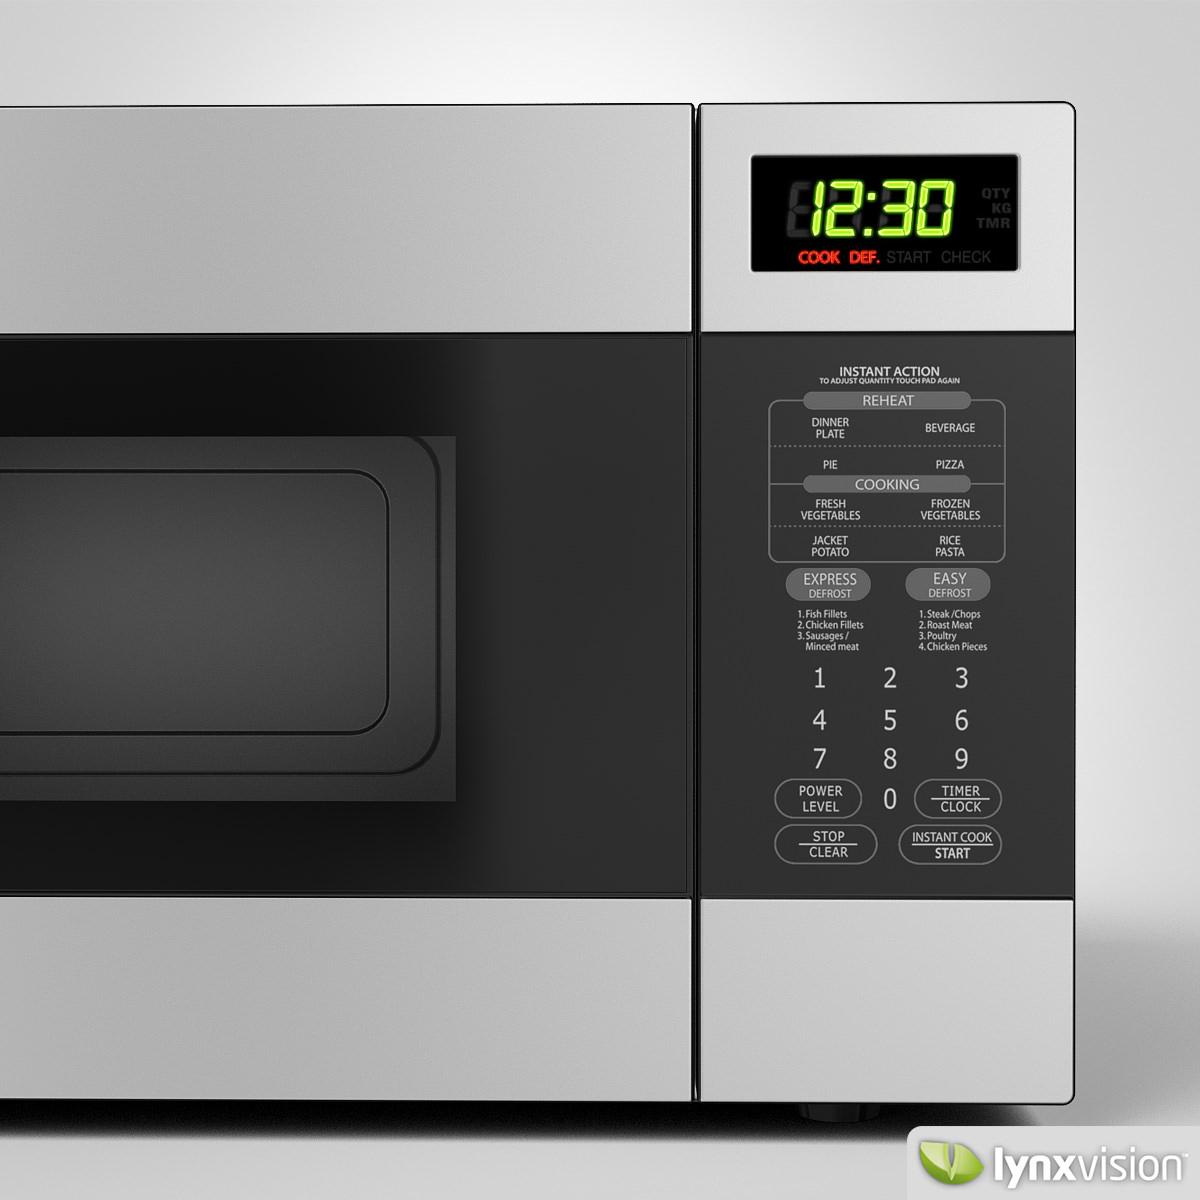 sharp microwave oven sharp microwave oven 3d model max obj fbx mtl 3